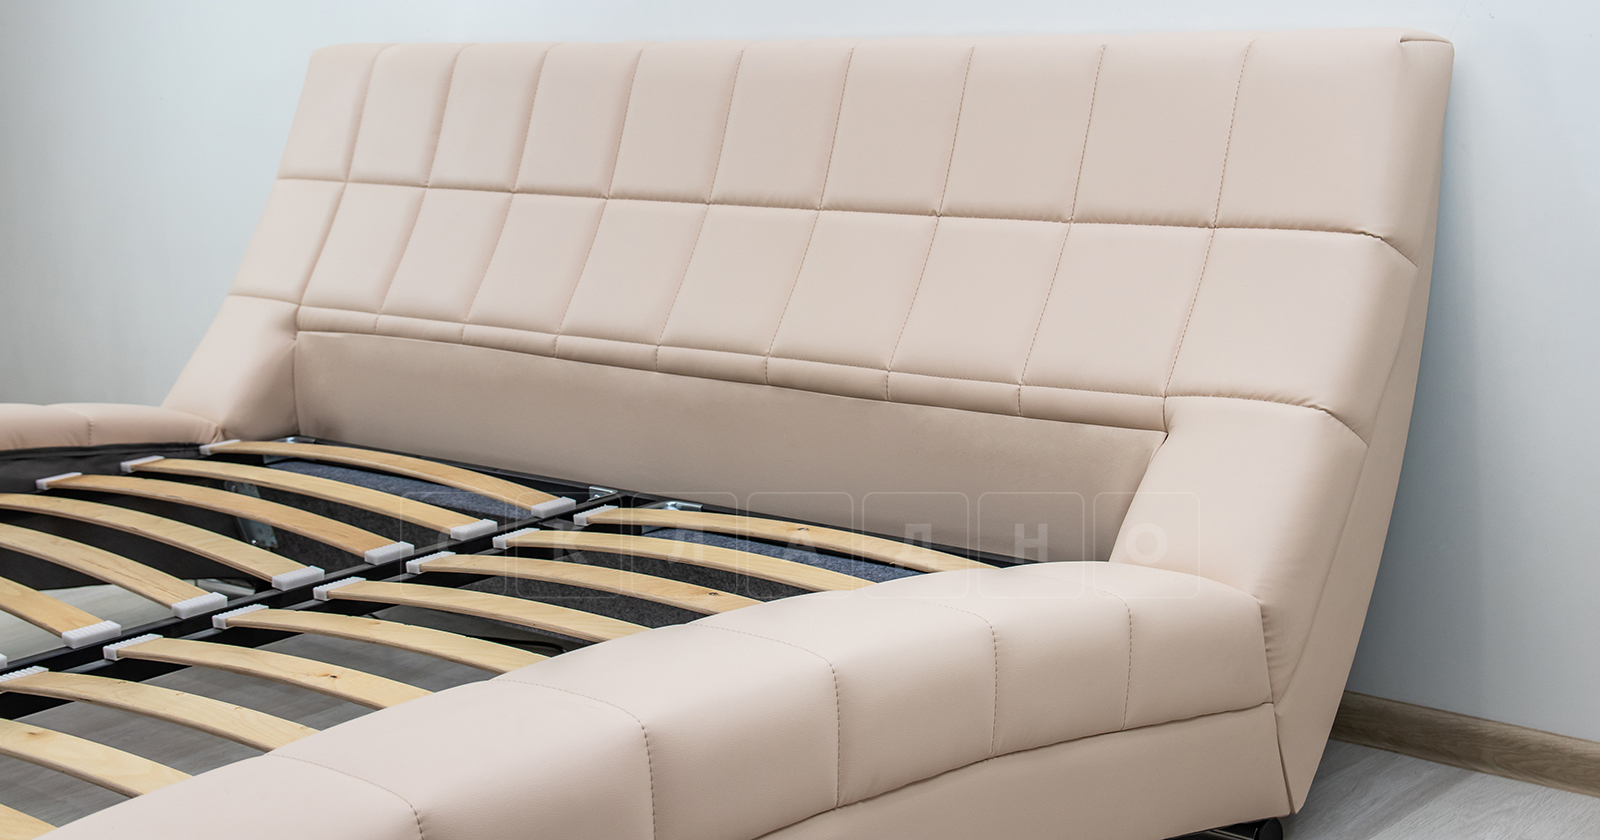 Мягкая кровать Оливия 160 см экокожа бежевый фото 5   интернет-магазин Складно